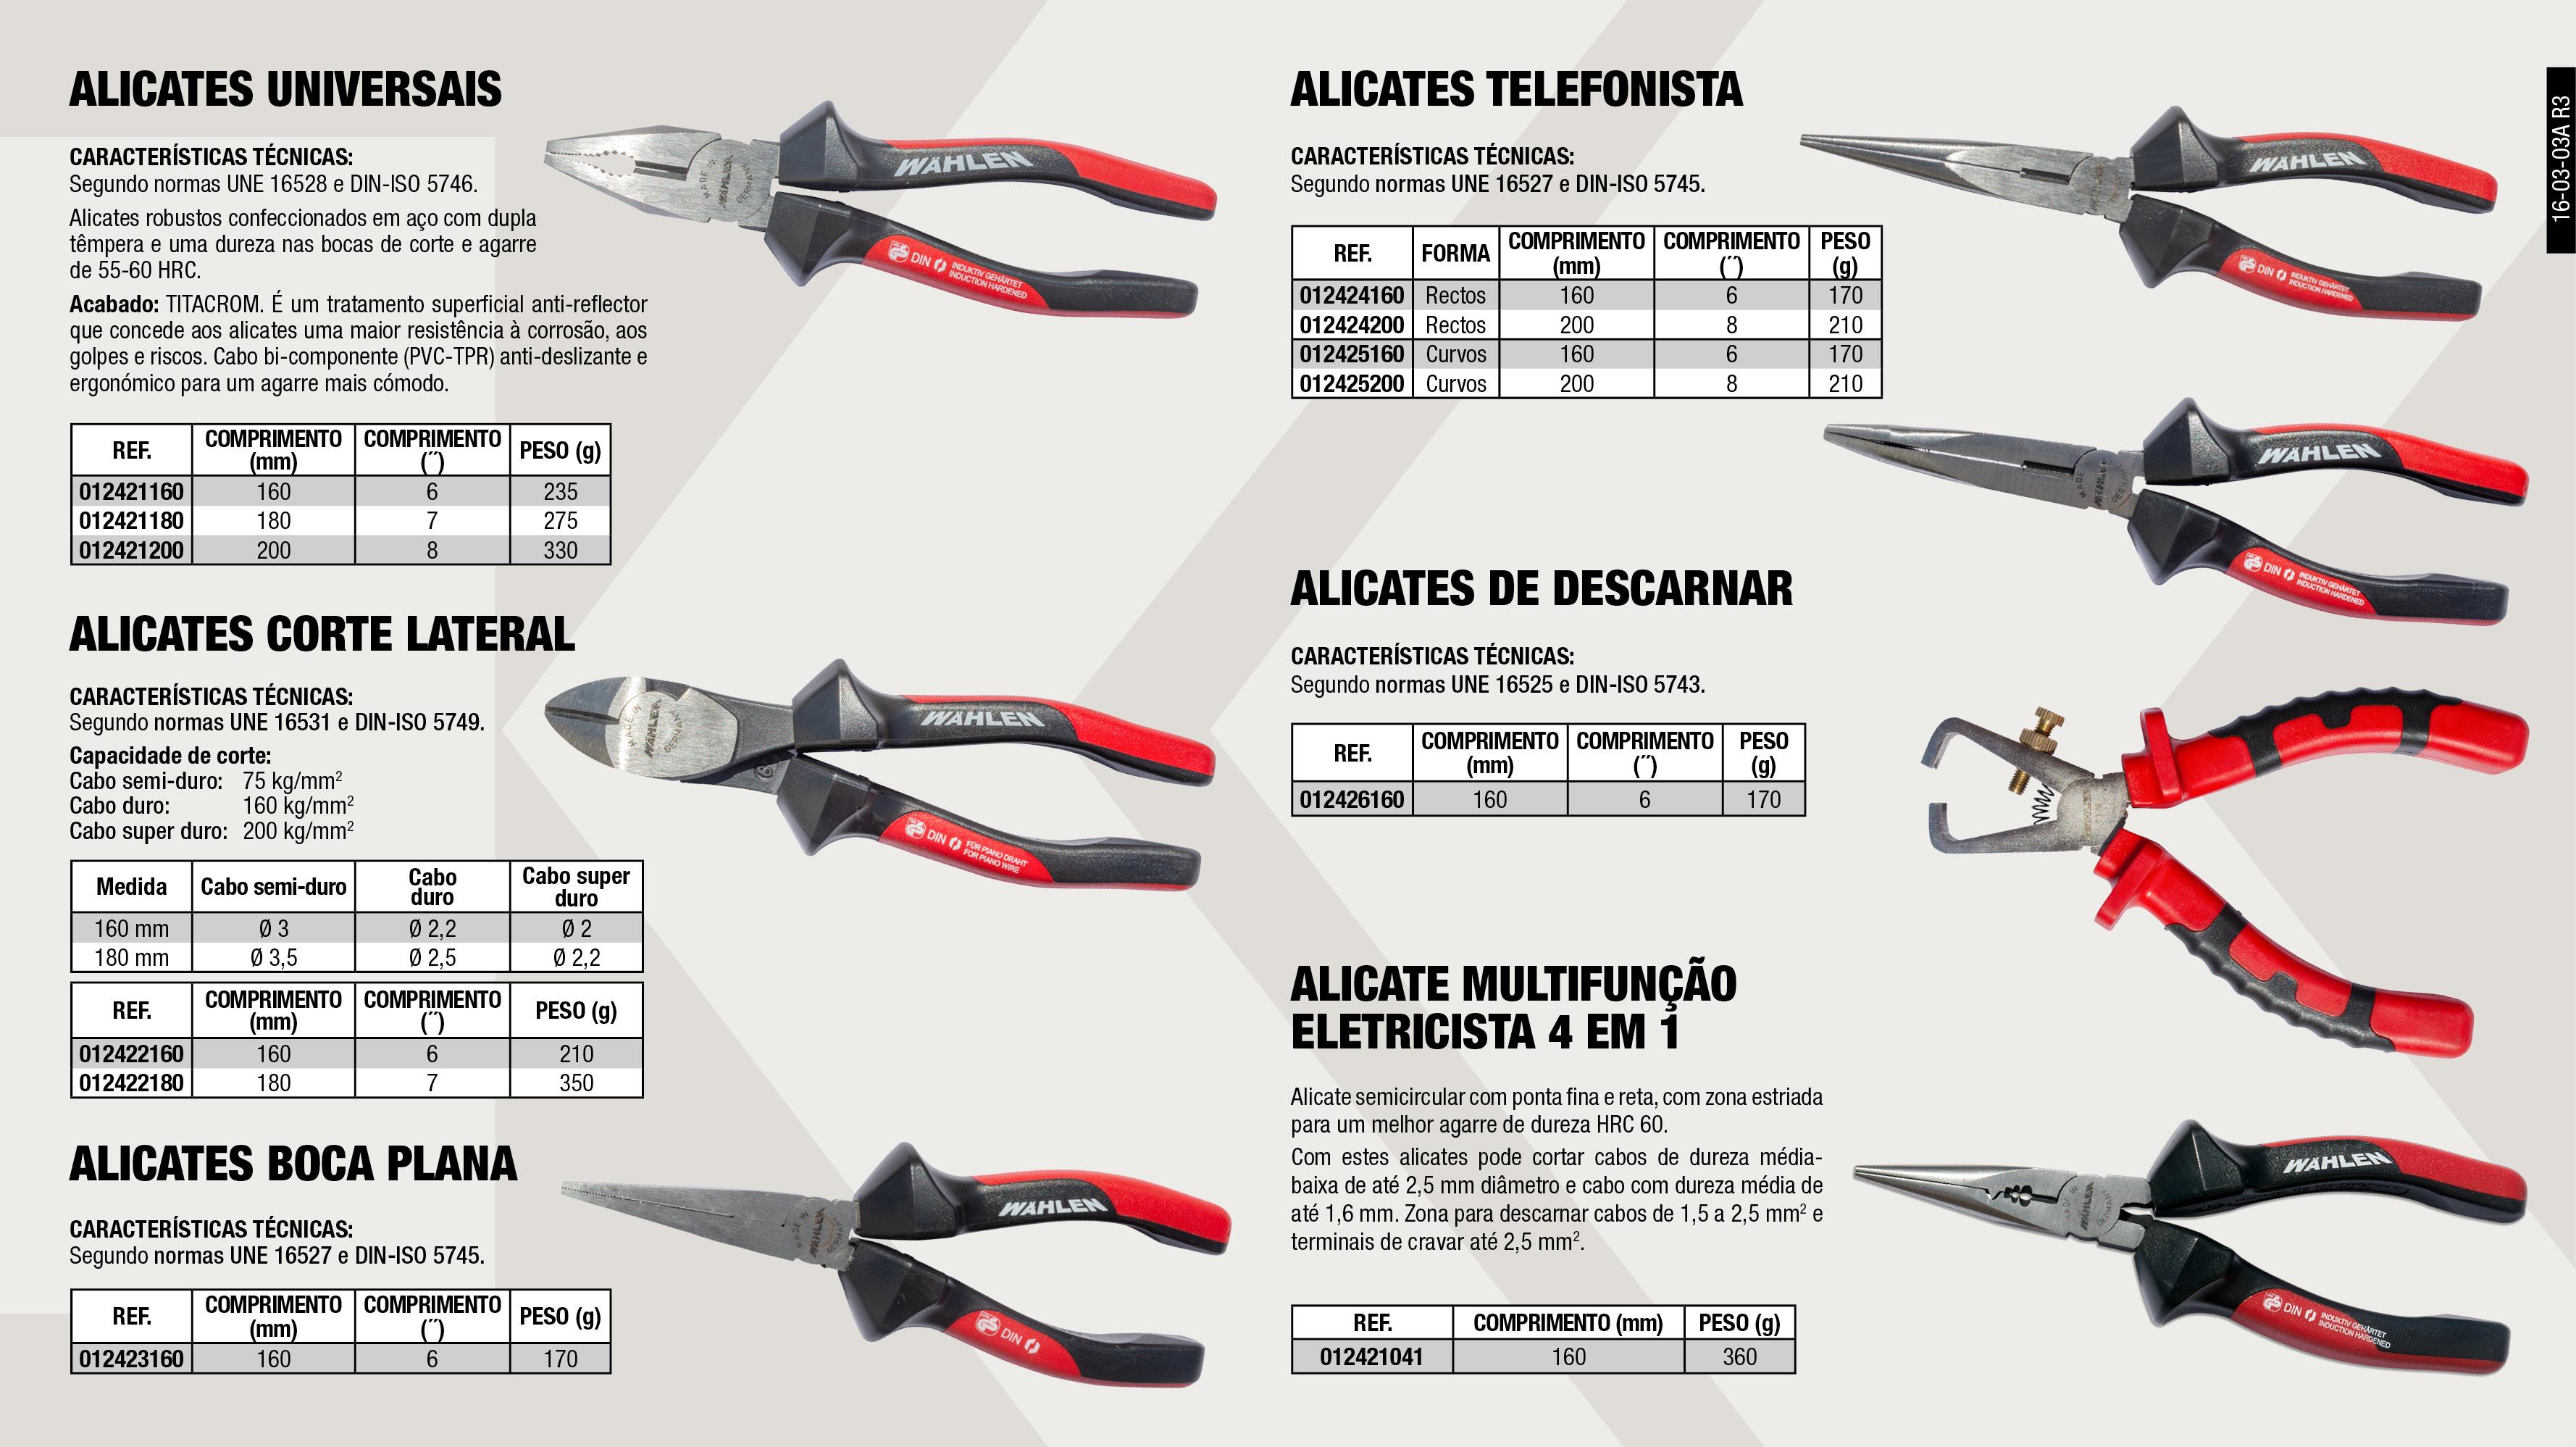 ALICATE UNIVERSAL 180MM 7'                                  ,  ALICATE UNIVERSAL 160MM 6'                                  ,  ALICATE DE TELEFONE CURVO 200MM 8'                          ,  ALICATE CORTE LATERAL 180MM 7'                              ,  ALICATE MULTIFUNÇÕES ELECTRICISTA 4 EN 1                    ,  ALICATE DE TELEFONE 160MM 8'                                ,  ALICATE DE TELEFONE 200MM 8'                                ,  ALICATE UNIVERSAL 200MM 8'                                  ,  ALICATE CORTE LATERAL 160MM 6'                              ,  ALICATE DE BOCA PLANA 160MM 6'                              ,  ALICATE DE TELEFONE CURVO 160MM 6'                          ,  ALICATE DESCARNADOR AUTOMATICO 160MM 6'                     ,